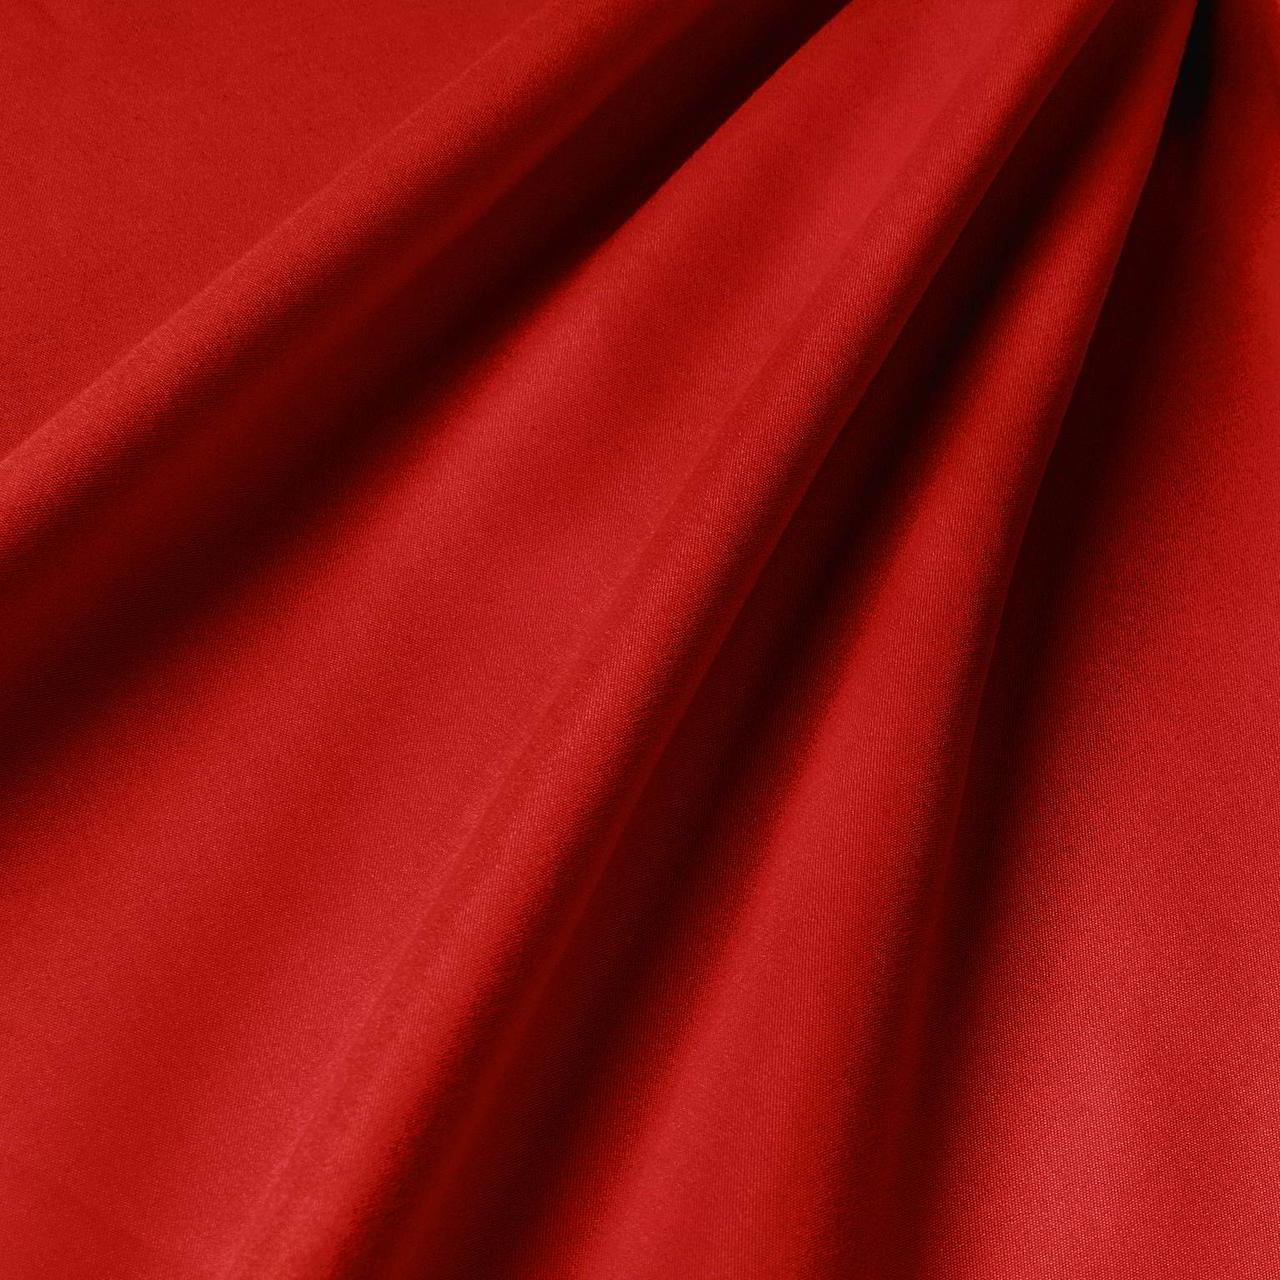 Подкладочная ткань с матовой фактурой (Испания) 400317v17